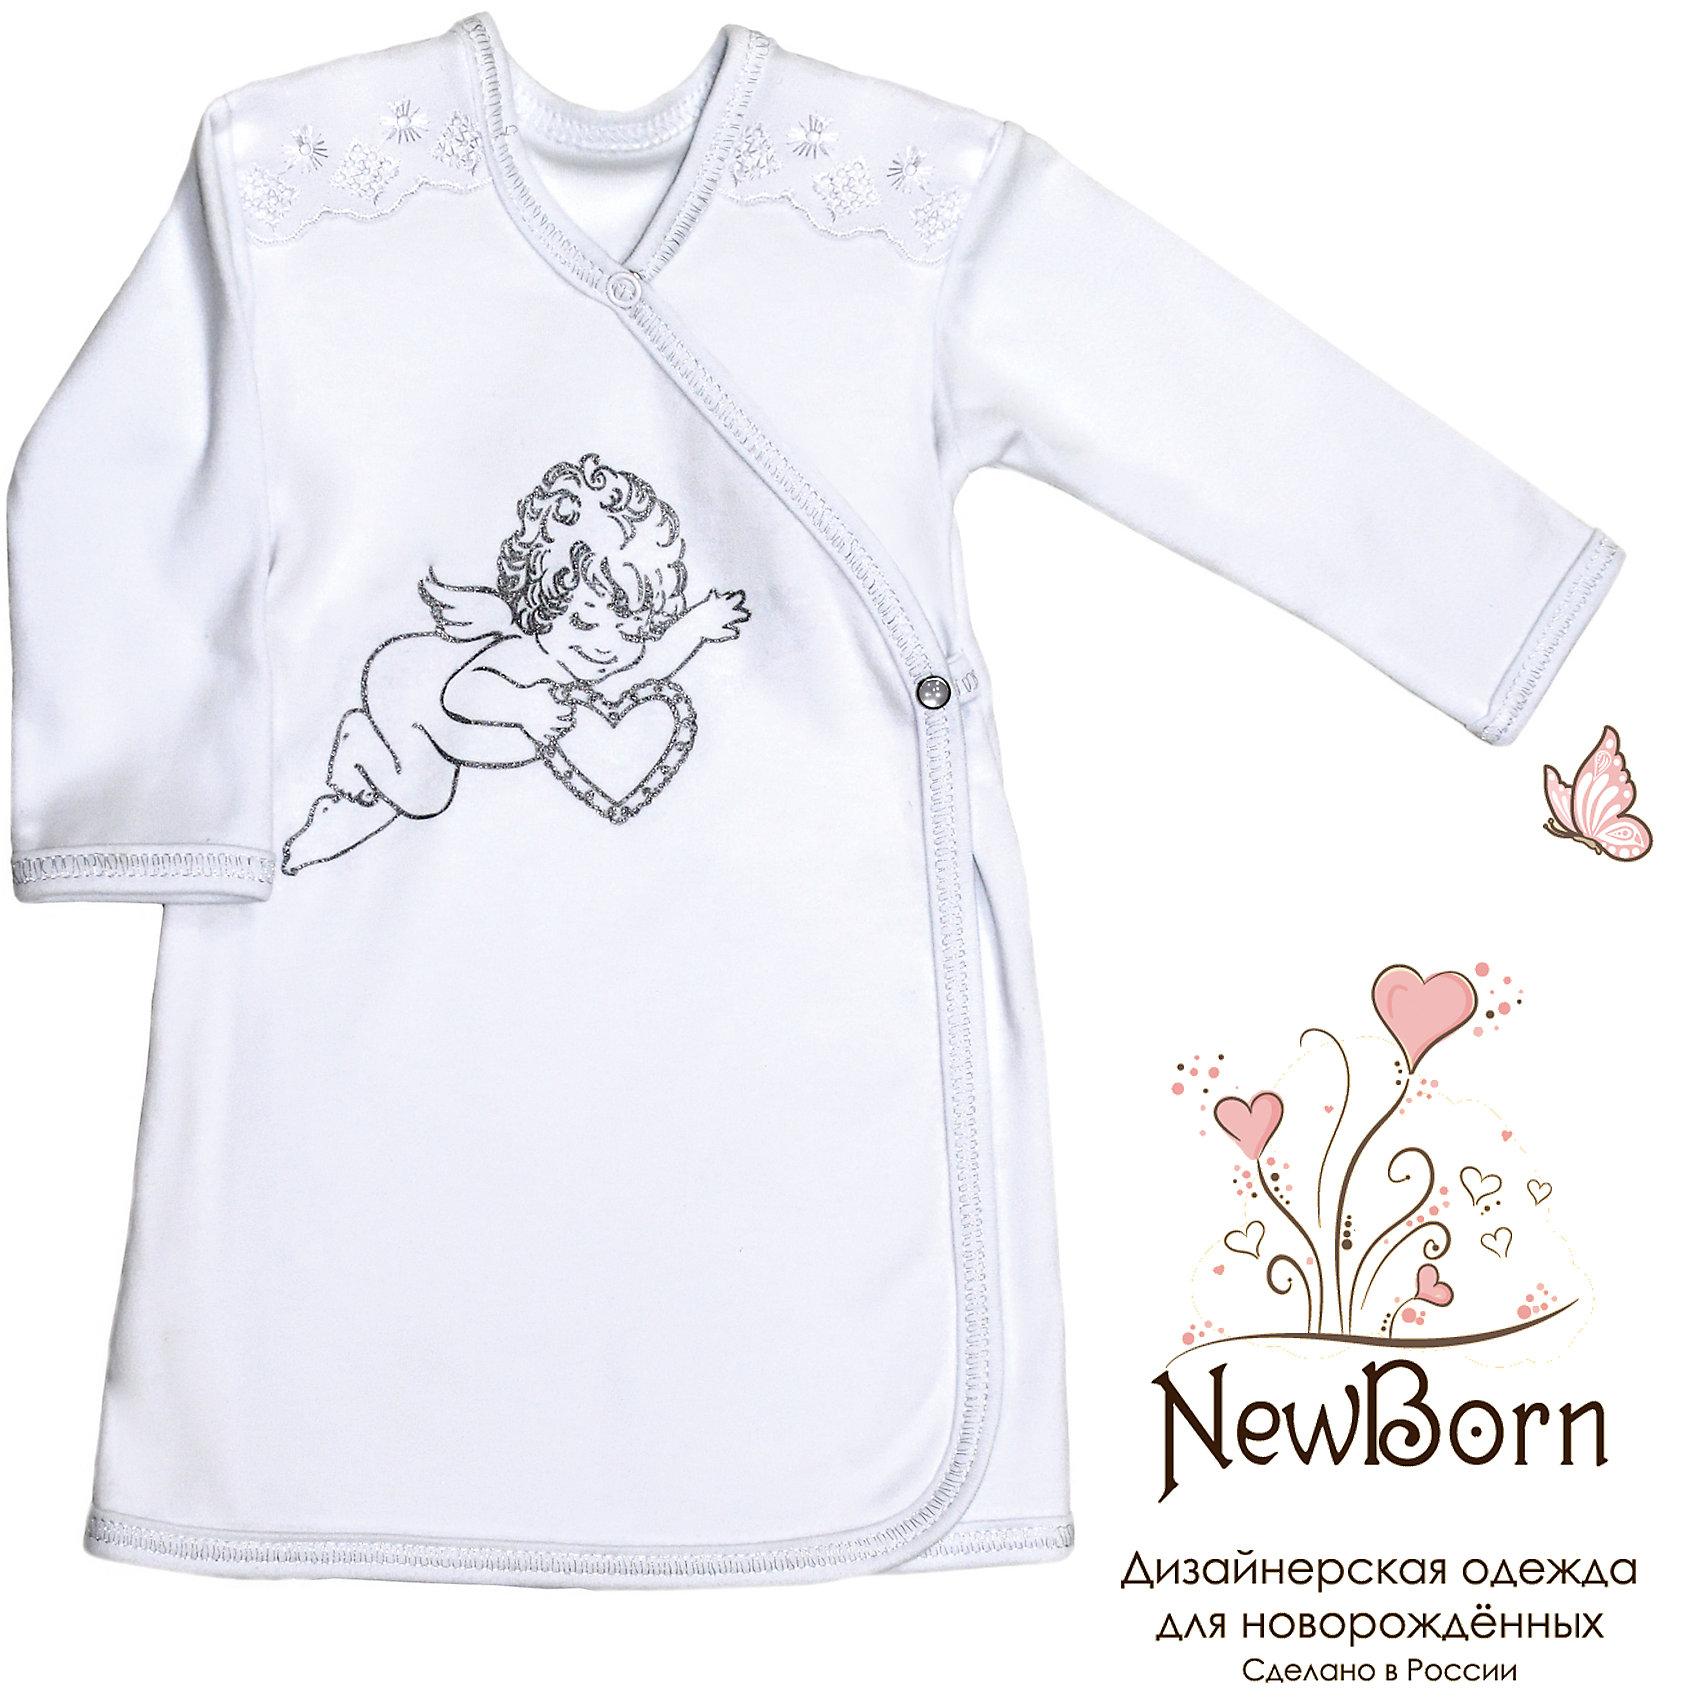 Крестильная рубашка с шитьем, р-р 68,  NewBorn, белыйХарактеристики:<br><br>• Вид детской одежды: рубашка с запахом<br>• Предназначение: для крещения<br>• Коллекция: NewBorn<br>• Сезон: круглый год<br>• Пол: для мальчика<br>• Тематика рисунка: ангелы<br>• Размер: 68<br>• Цвет: белый<br>• Материал: трикотаж, хлопок<br>• Длина рукава: длинные<br>• Запах: спереди<br>• Застежка: спереди на кнопке<br>• Декорирована широкой тесьмой из шитья <br>• Передняя полочка украшена термонаклейкой в виде ангела<br>• Особенности ухода: допускается деликатная стирка без использования красящих и отбеливающих средств<br><br>Крестильная рубашка с шитьем, р-р 68, NewBorn, белый из коллекции NewBorn от отечественного швейного производства ТексПром предназначена для создания праздничного образа мальчика во время торжественного обряда крещения. Коллекция NewBorn сочетает в себе классические и современные тенденции в мире моды для новорожденных, при этом сохраняются самые лучшие традиции при технологии изготовления детской одежды: свободный крой, внешние швы и натуральные ткани.  Рубашка с длинными рукавами выполнена из трикотажа, все края которой обработаны трикотажной бейкой. Изделие имеет передний запах с застежкой на кнопке, что обеспечивает его легкое одевание. Праздничный образ создается за счет отделки из широкого шитья на плечиках и термонаклейки на передней полочке в виде ангела. <br><br>Крестильную рубашку с шитьем, р-р 68, NewBorn, белый можно купить в нашем интернет-магазине.<br><br>Ширина мм: 220<br>Глубина мм: 5<br>Высота мм: 400<br>Вес г: 200<br>Возраст от месяцев: 3<br>Возраст до месяцев: 6<br>Пол: Мужской<br>Возраст: Детский<br>SKU: 4912525